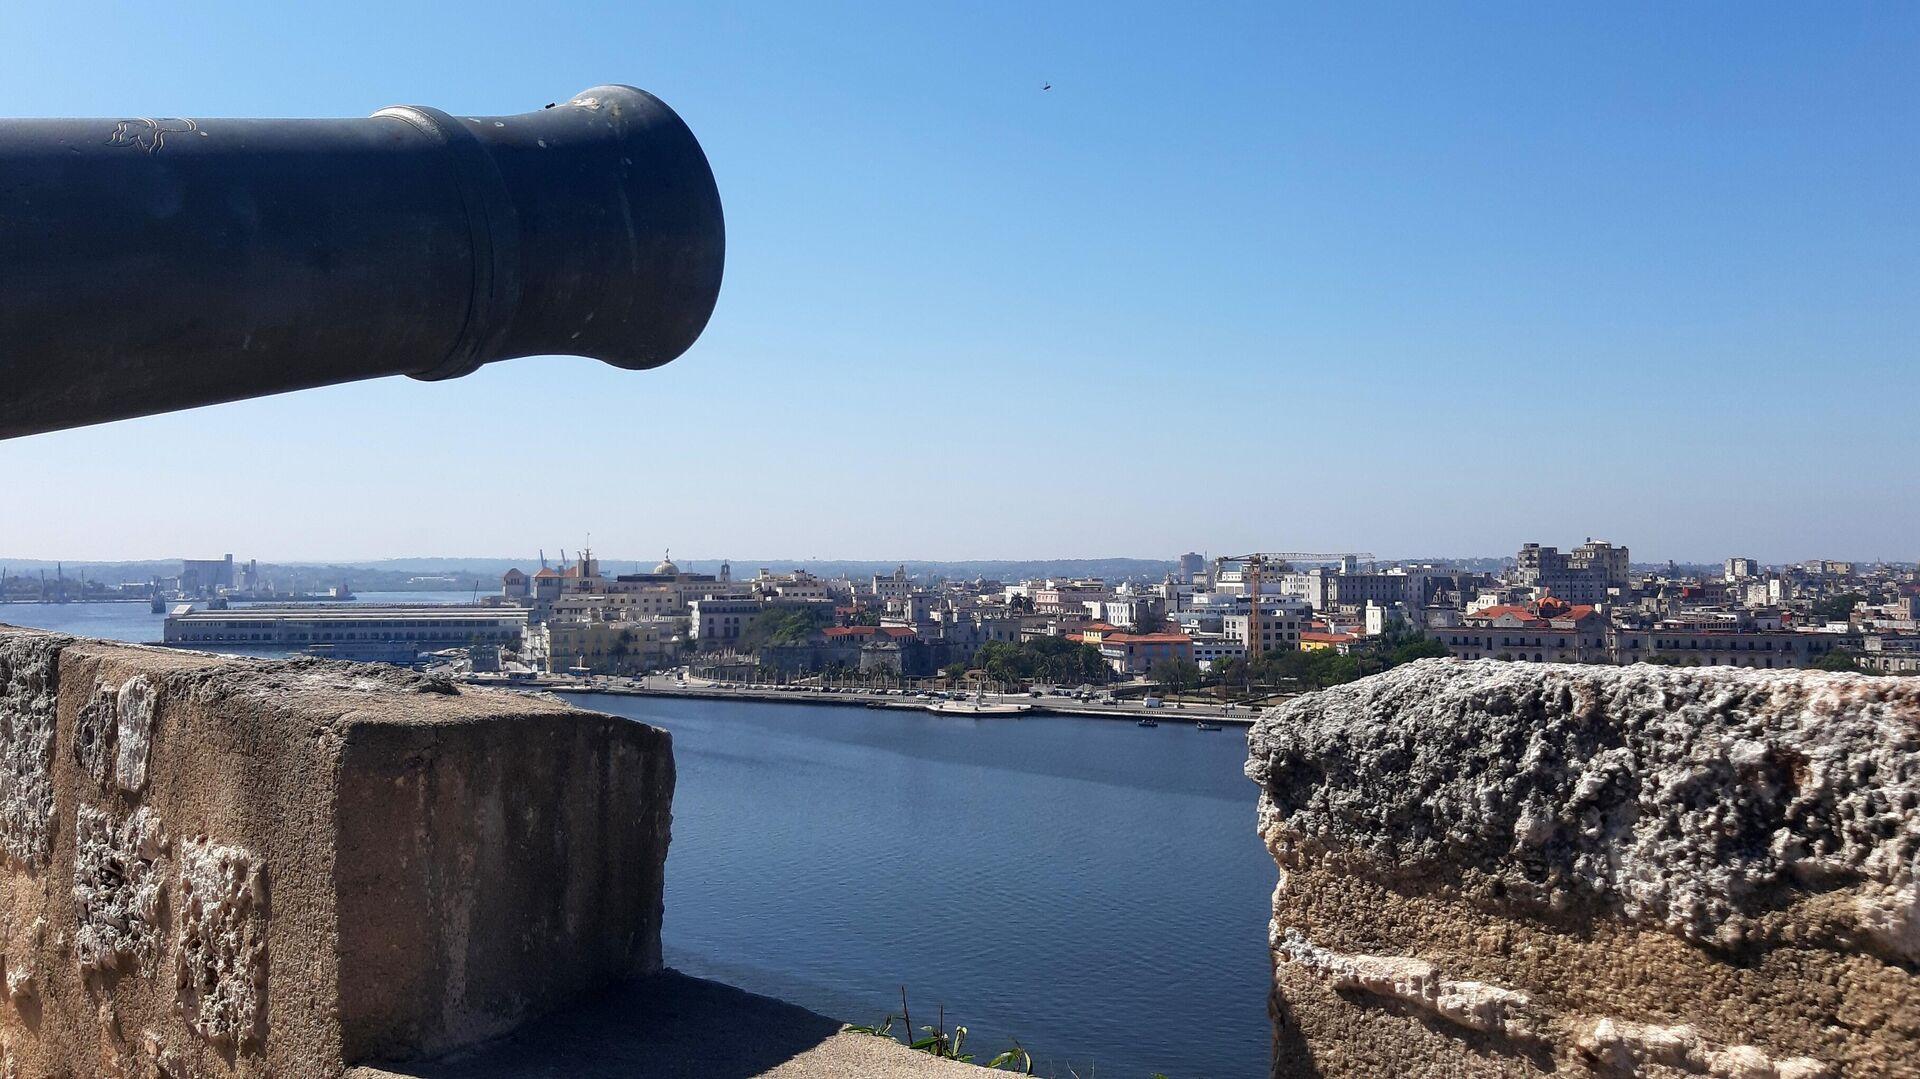 Los cañones protegían la ciudad de los ataques de corsarios y piratas - Sputnik Mundo, 1920, 29.03.2021